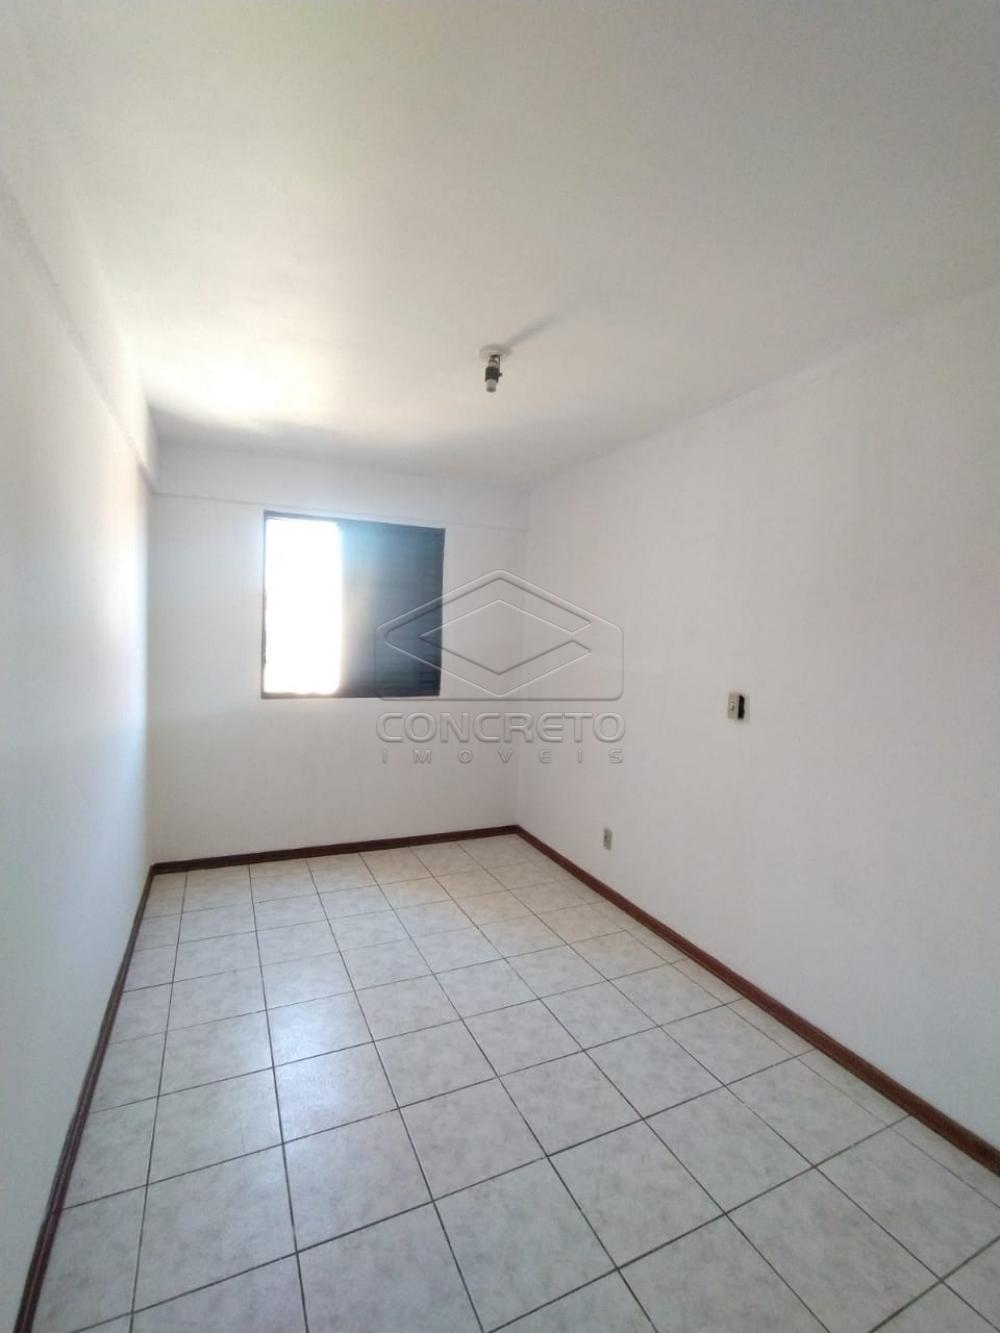 Alugar Apartamento / Padrão em Bauru R$ 700,00 - Foto 3